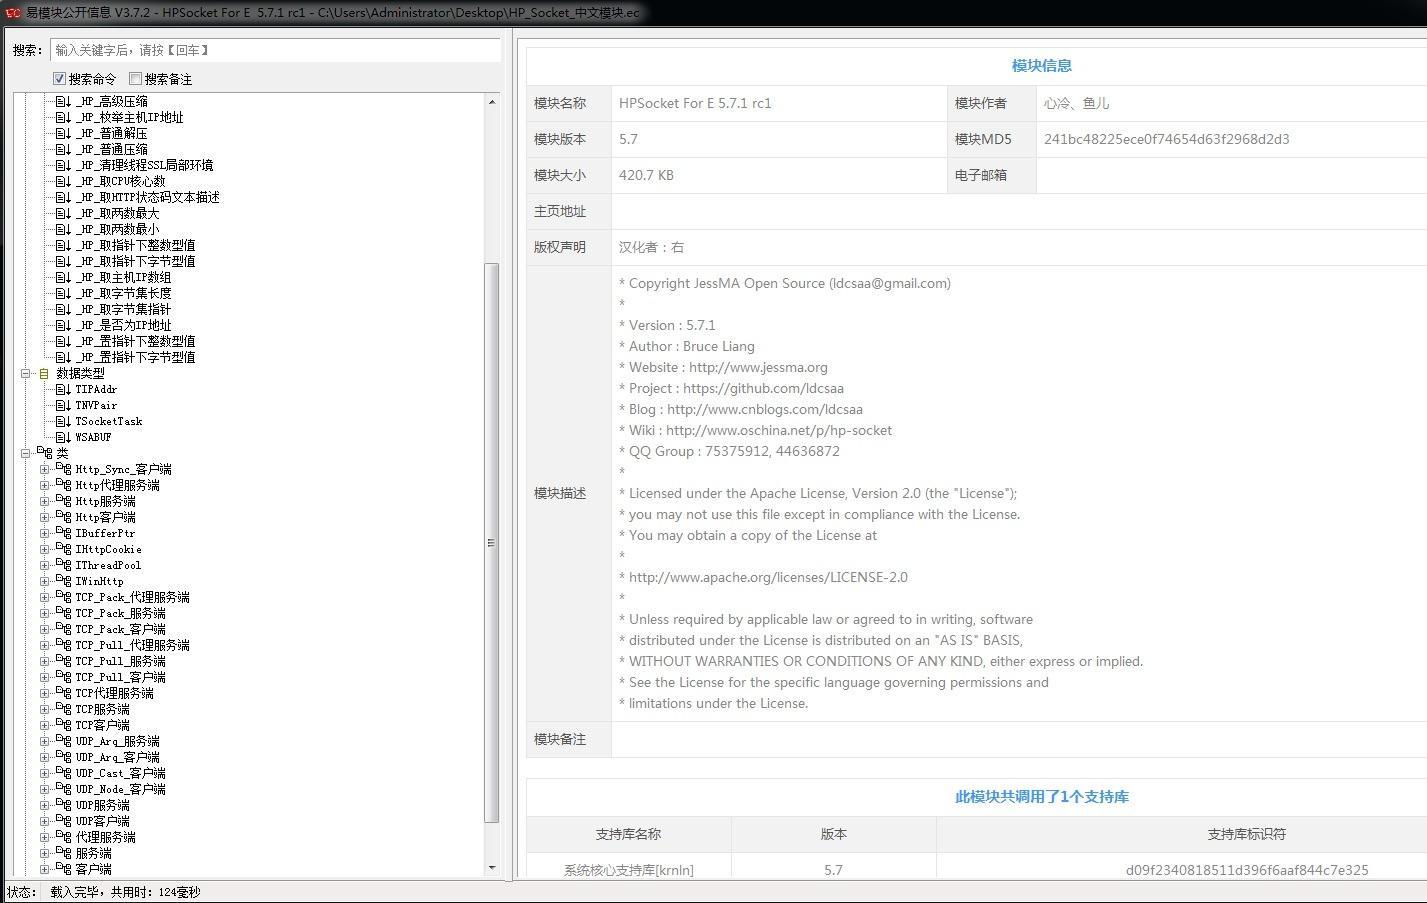 HP_Socket 5.71 中文模块+易源码